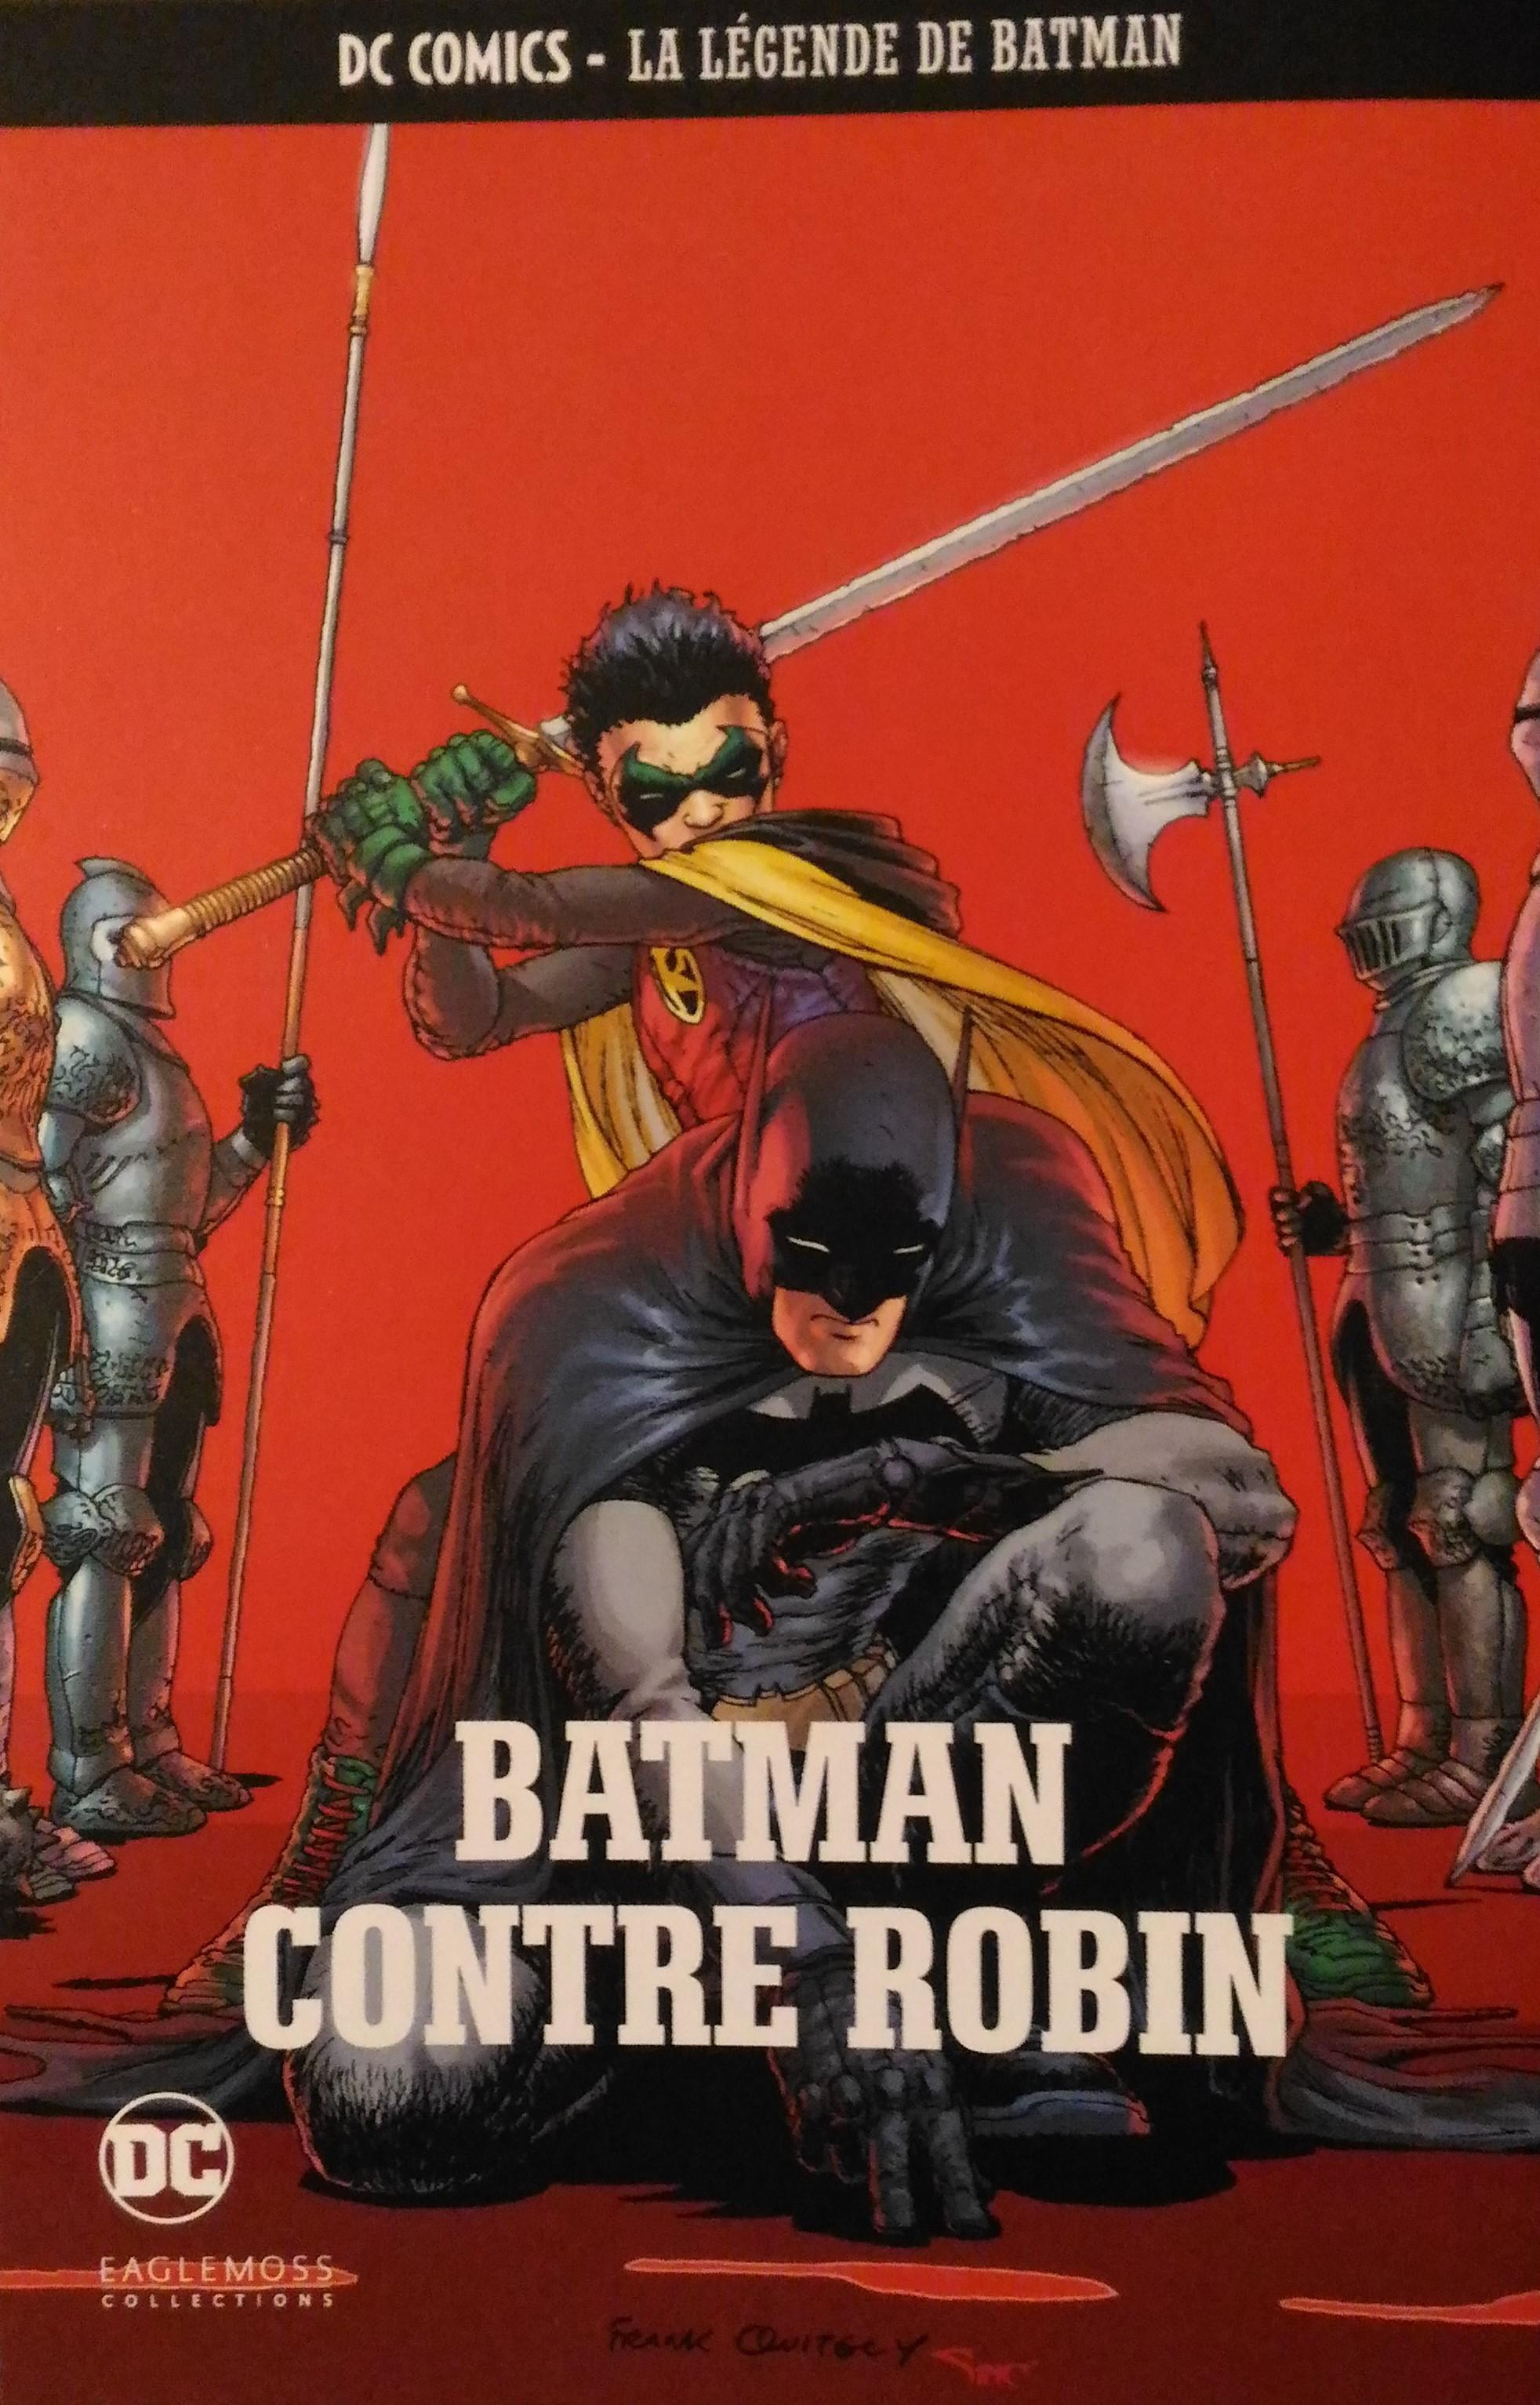 DC Comics - La Légende de Batman 49 - Batman contre Robin